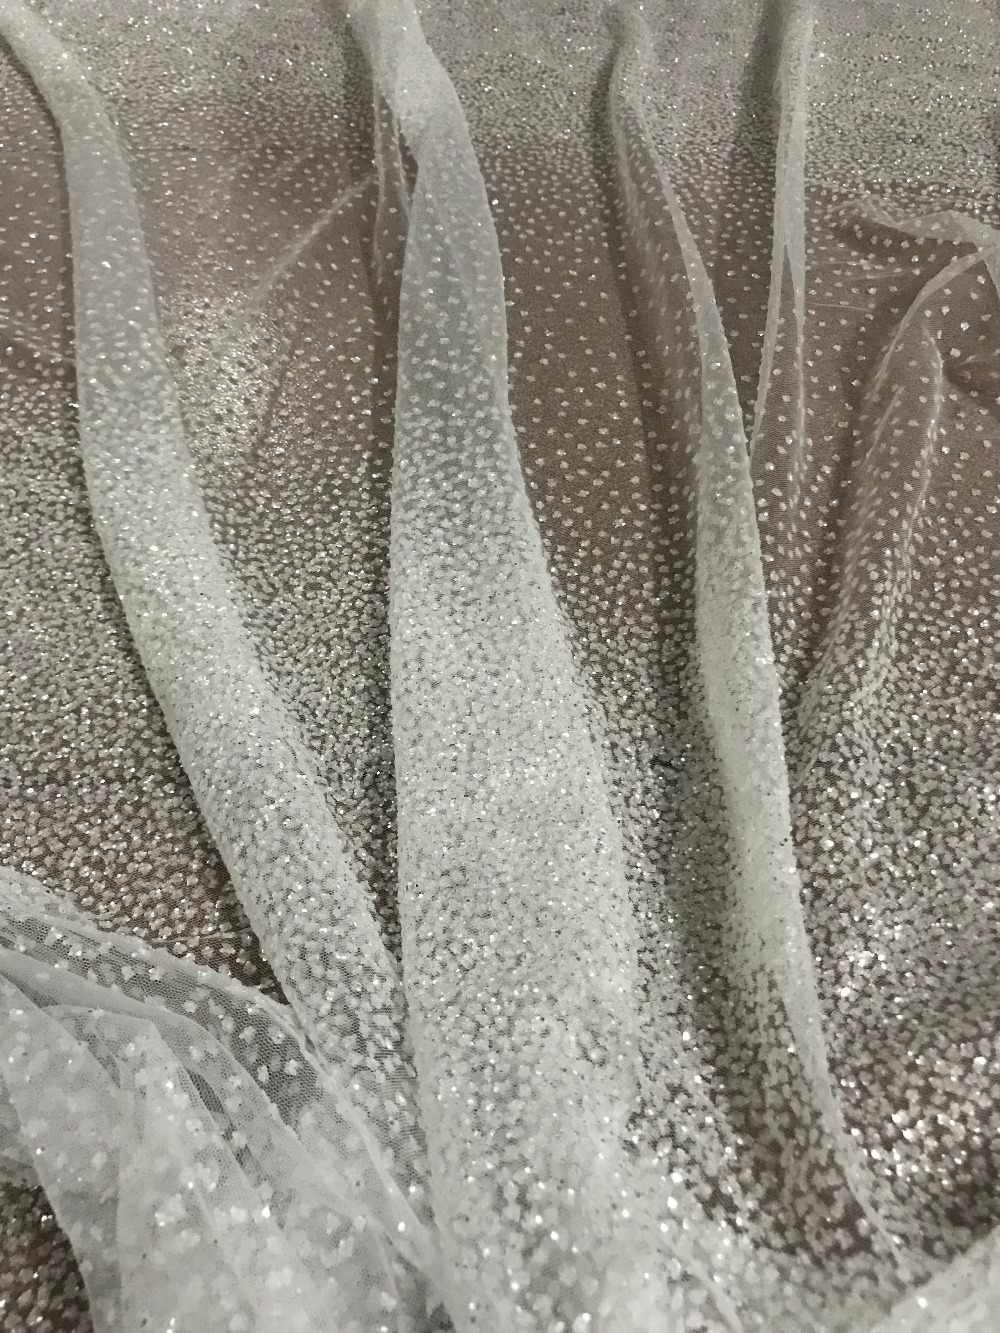 5 yards örgü tül el baskı glitter dantel kumaş beyaz renk S-11149 için düğün elbisesi/gece elbisesi/parti